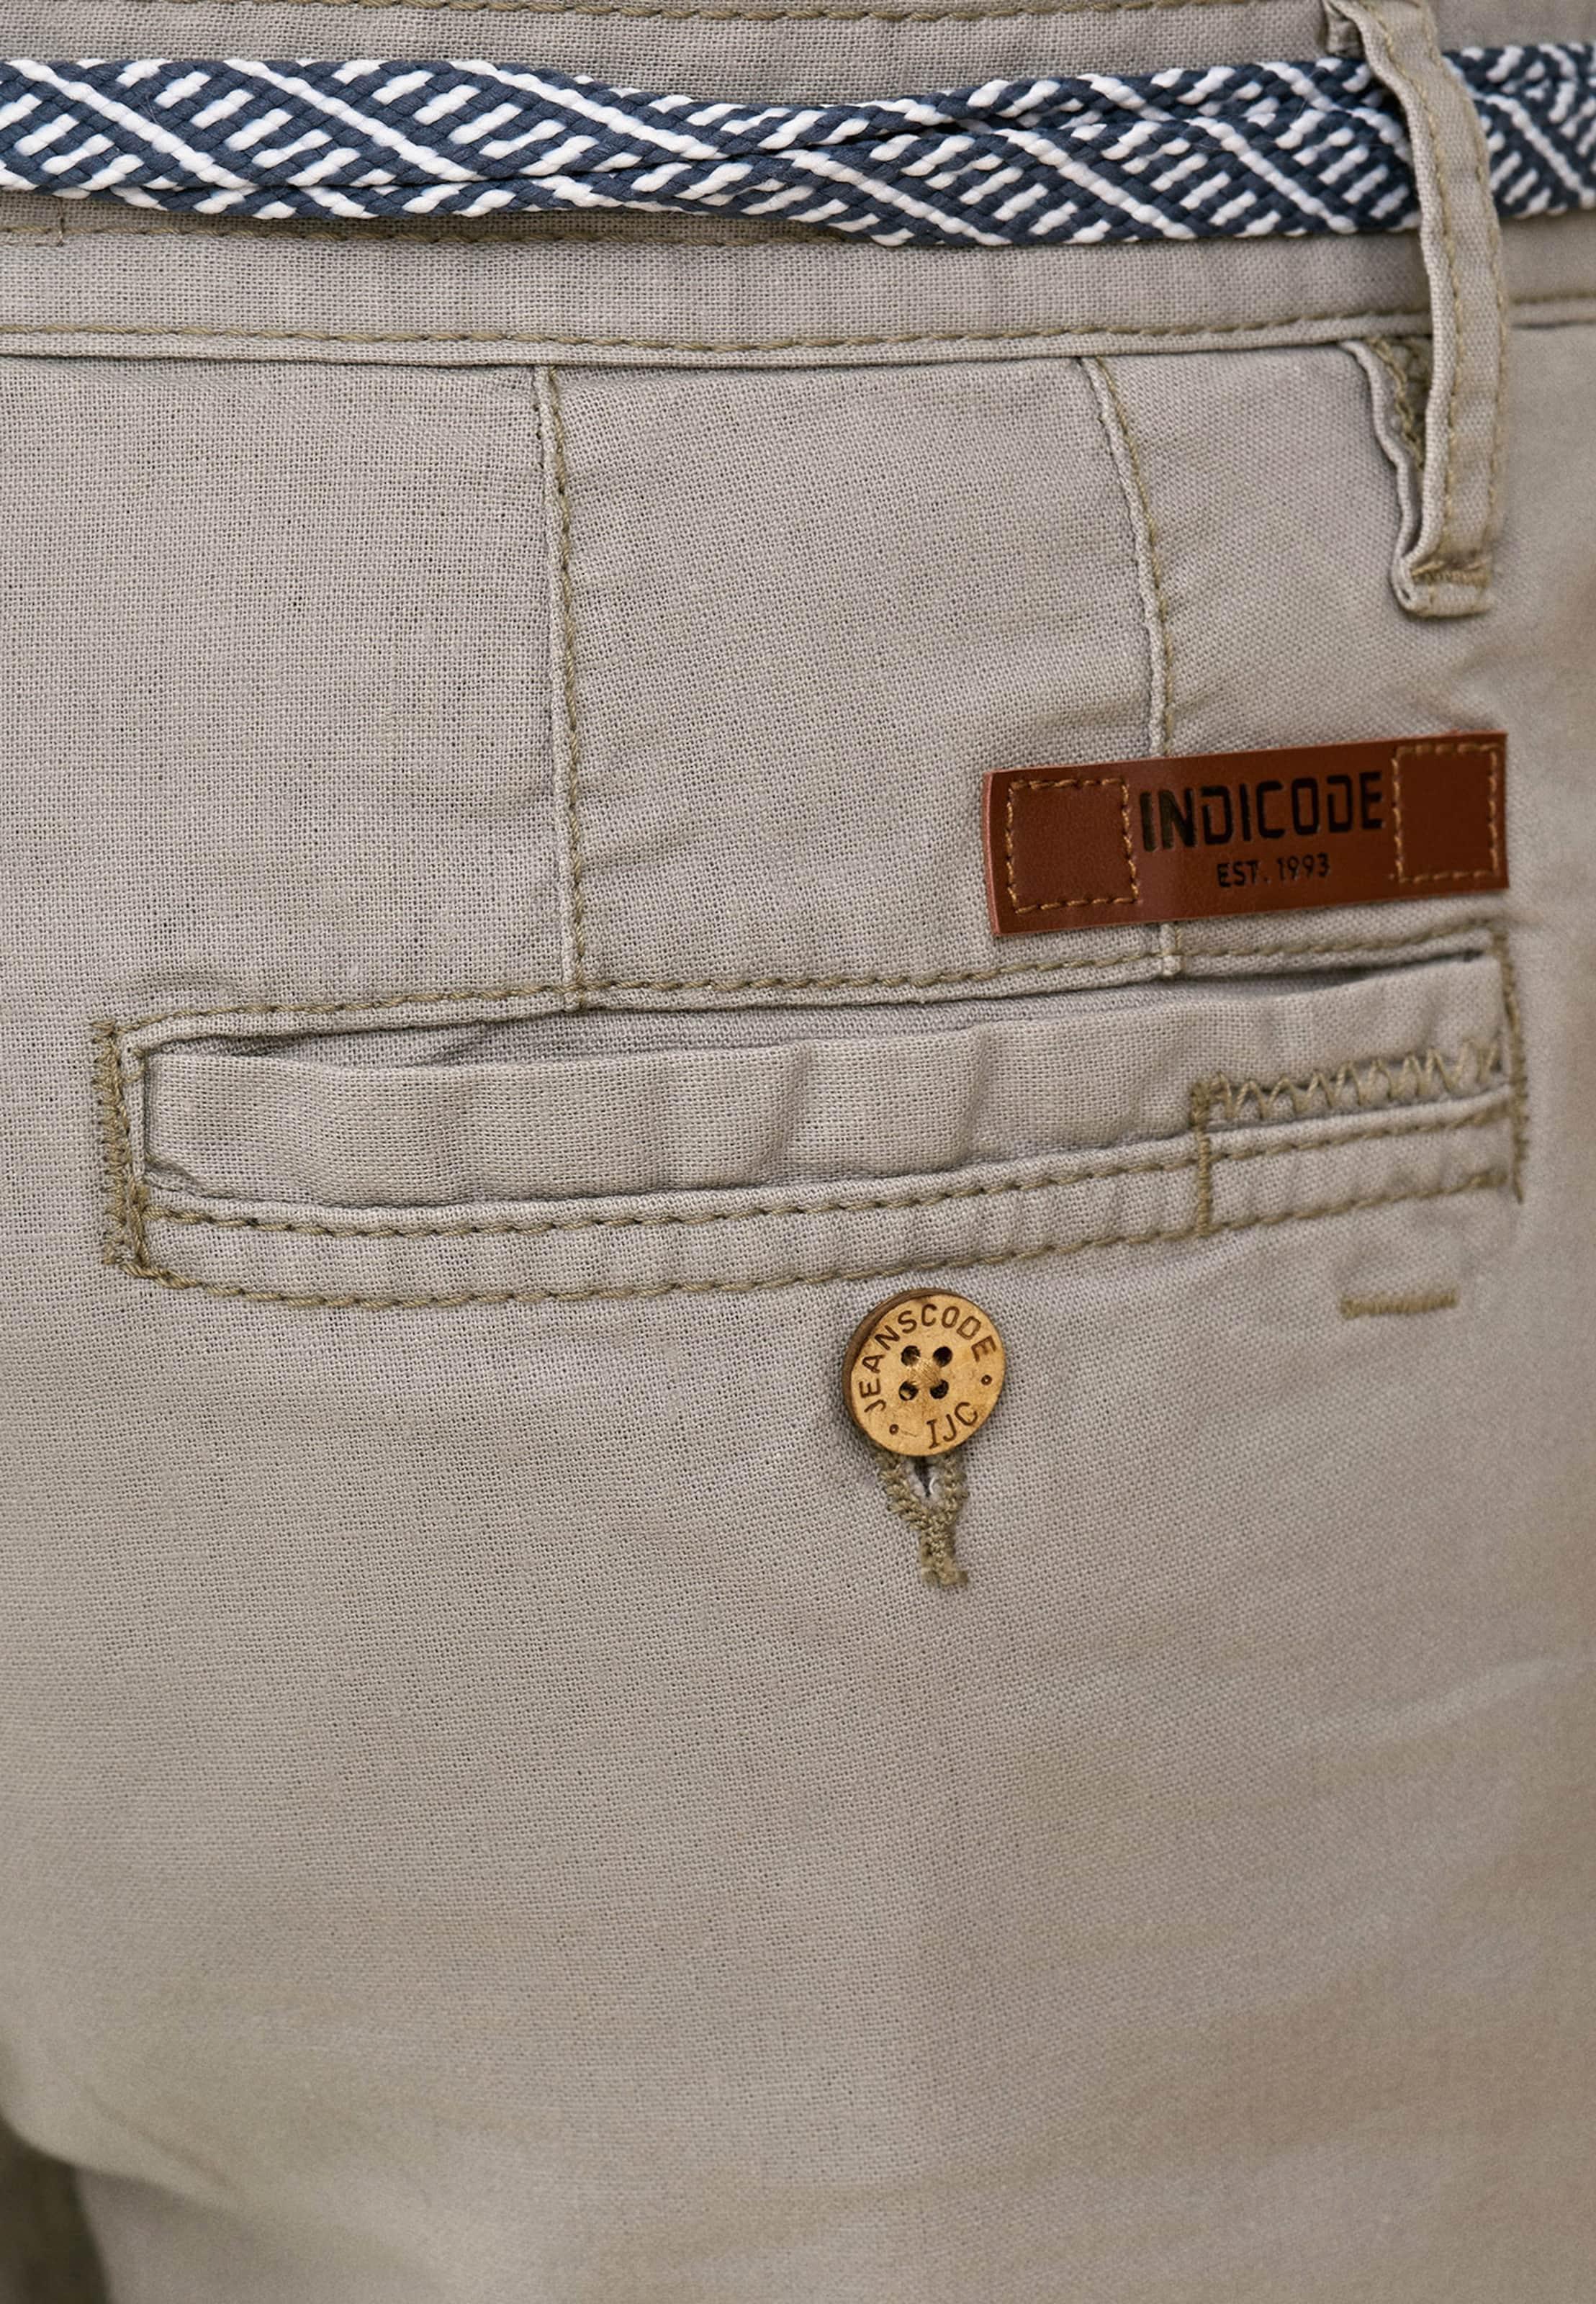 'haverfiel' Indicode In Hose Jeans Rauchgrau H2IEYDeb9W